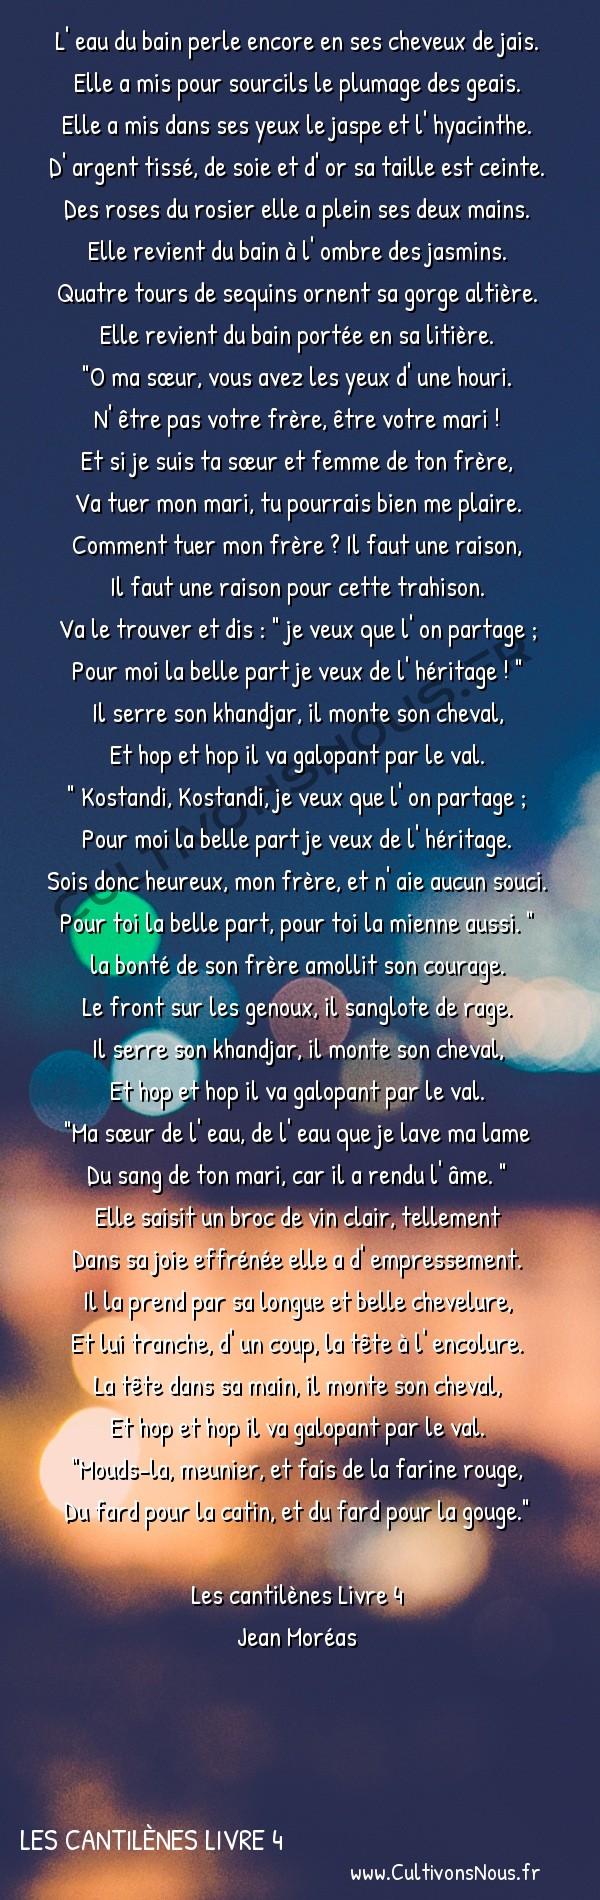 Poésie Jean Moréas - Les cantilènes Livre 4 - La femme perfide -  L' eau du bain perle encore en ses cheveux de jais. Elle a mis pour sourcils le plumage des geais.